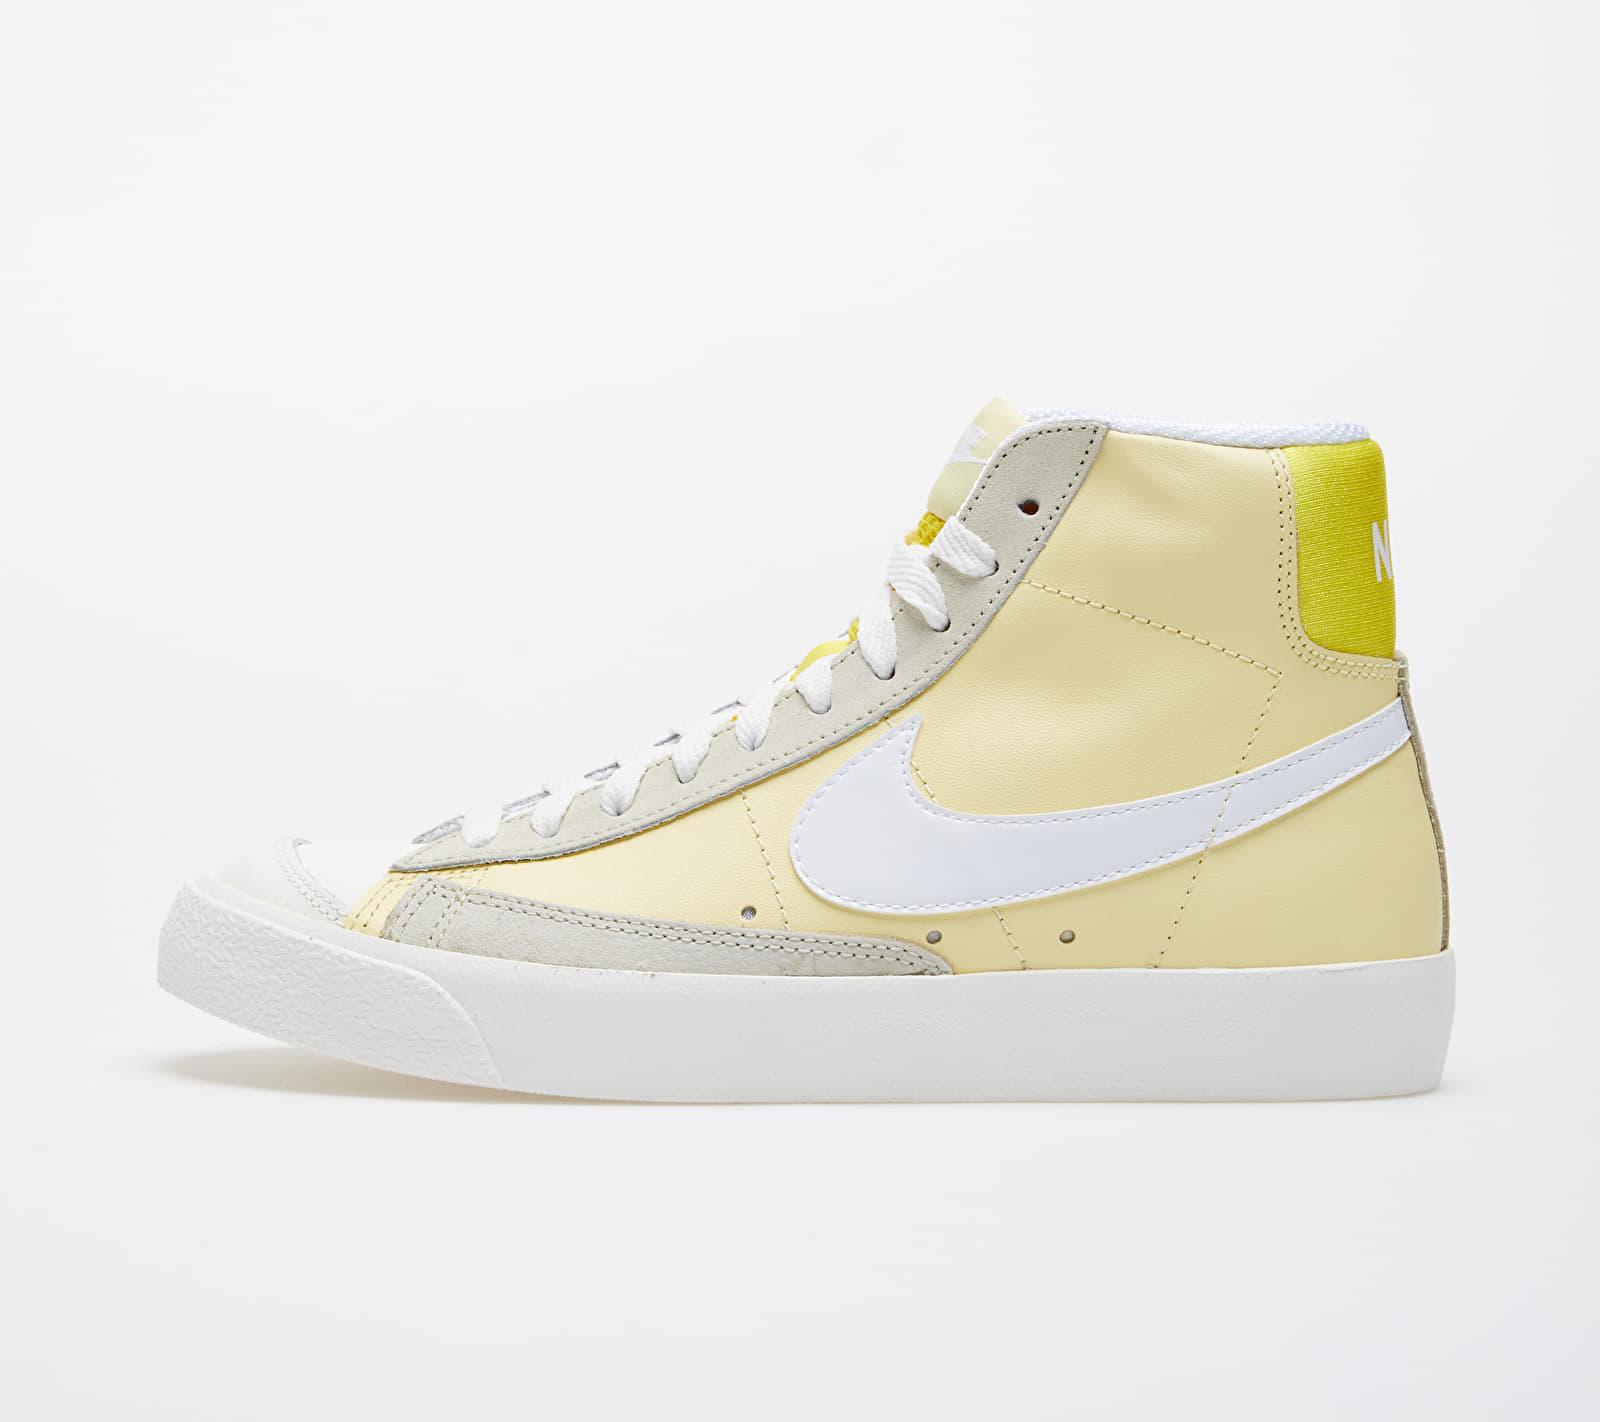 Nike Wmns Blazer Mid '77 Bicycle Yellow/ White-Opti Yellow-Fossil 1